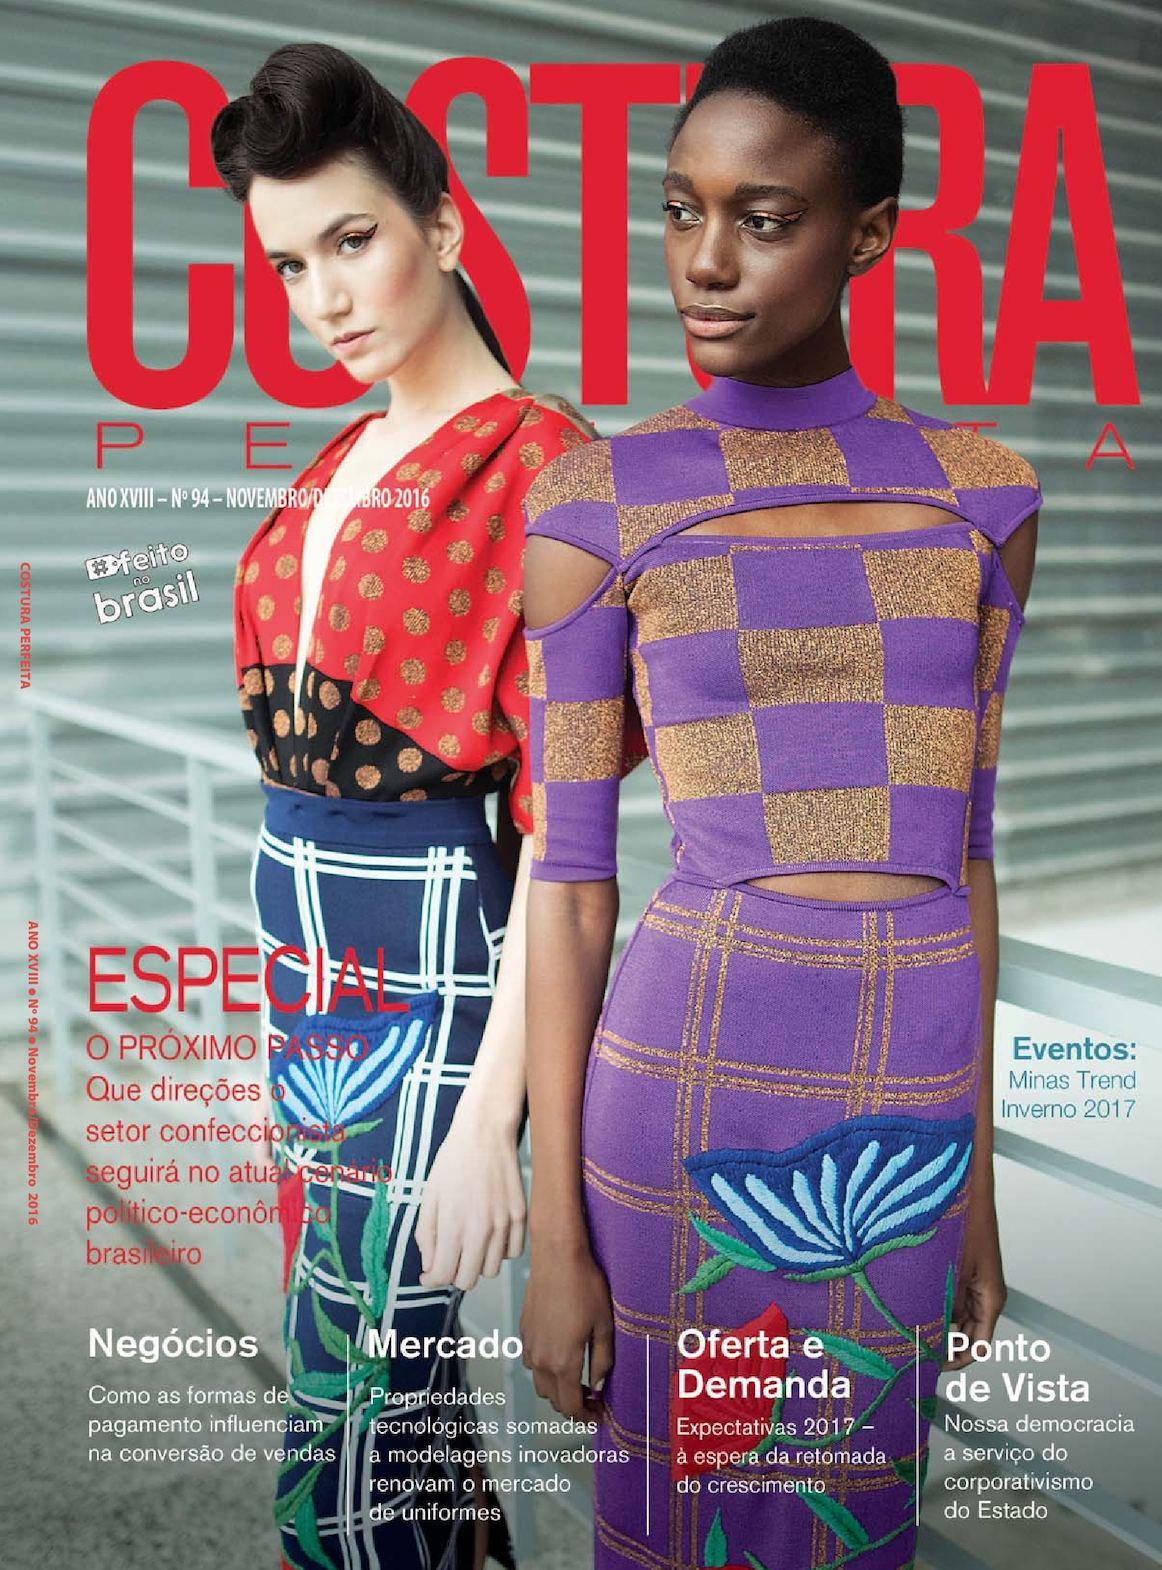 8f4d6b72f Calaméo - Revista Costura Perfeita Edição Ano XVIII - N94 - Novembro -  Dezembro 2016